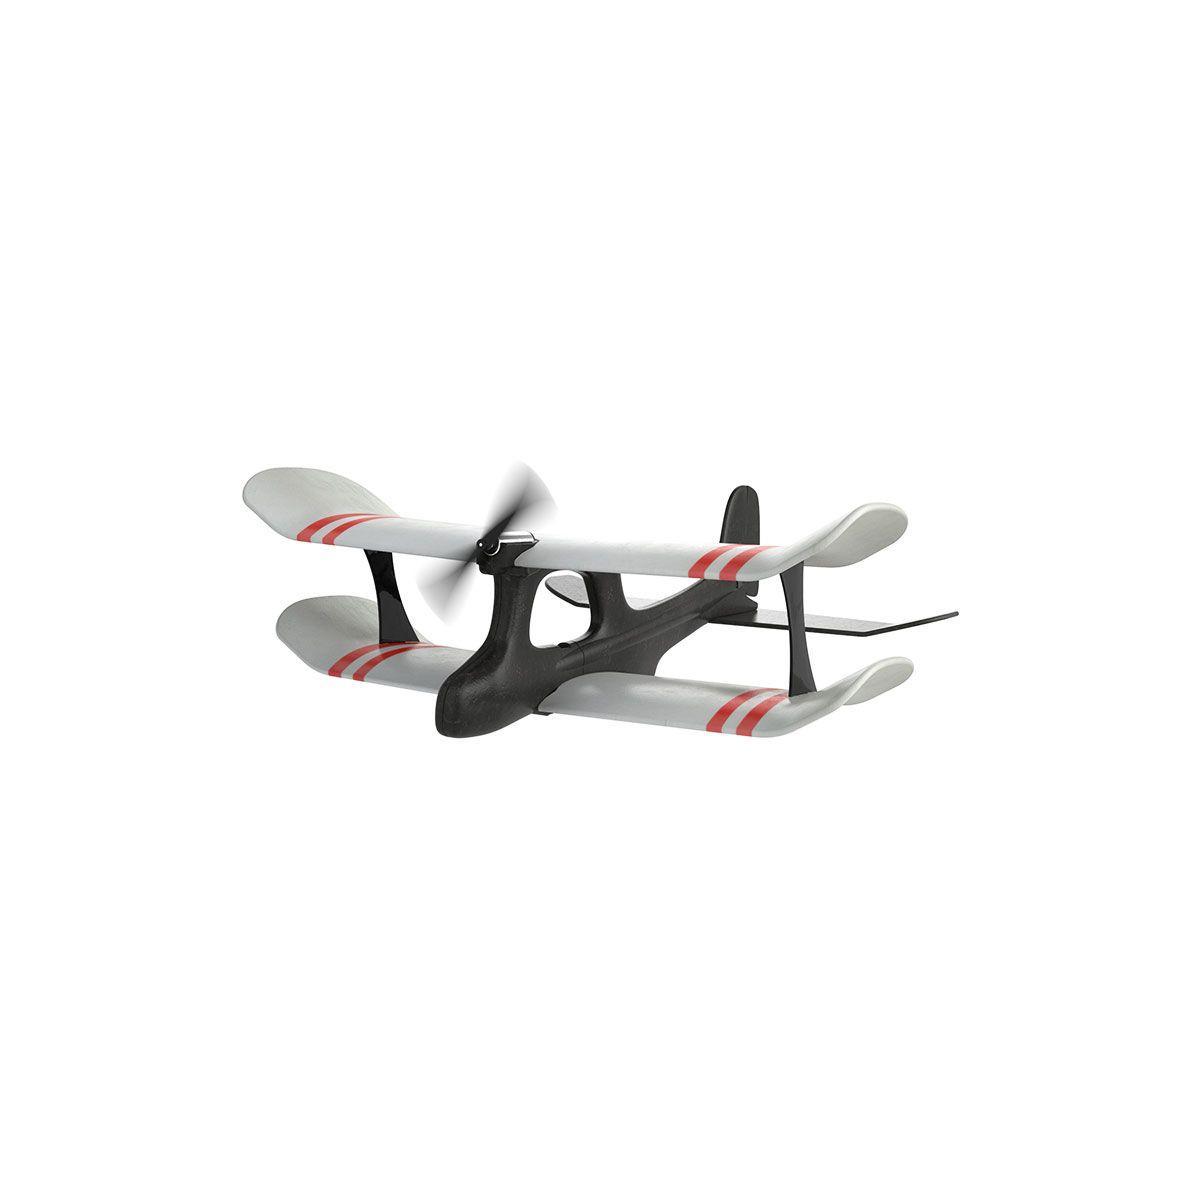 Drones tobyrich moskito - livraison offerte avec le code nouveaute (photo)